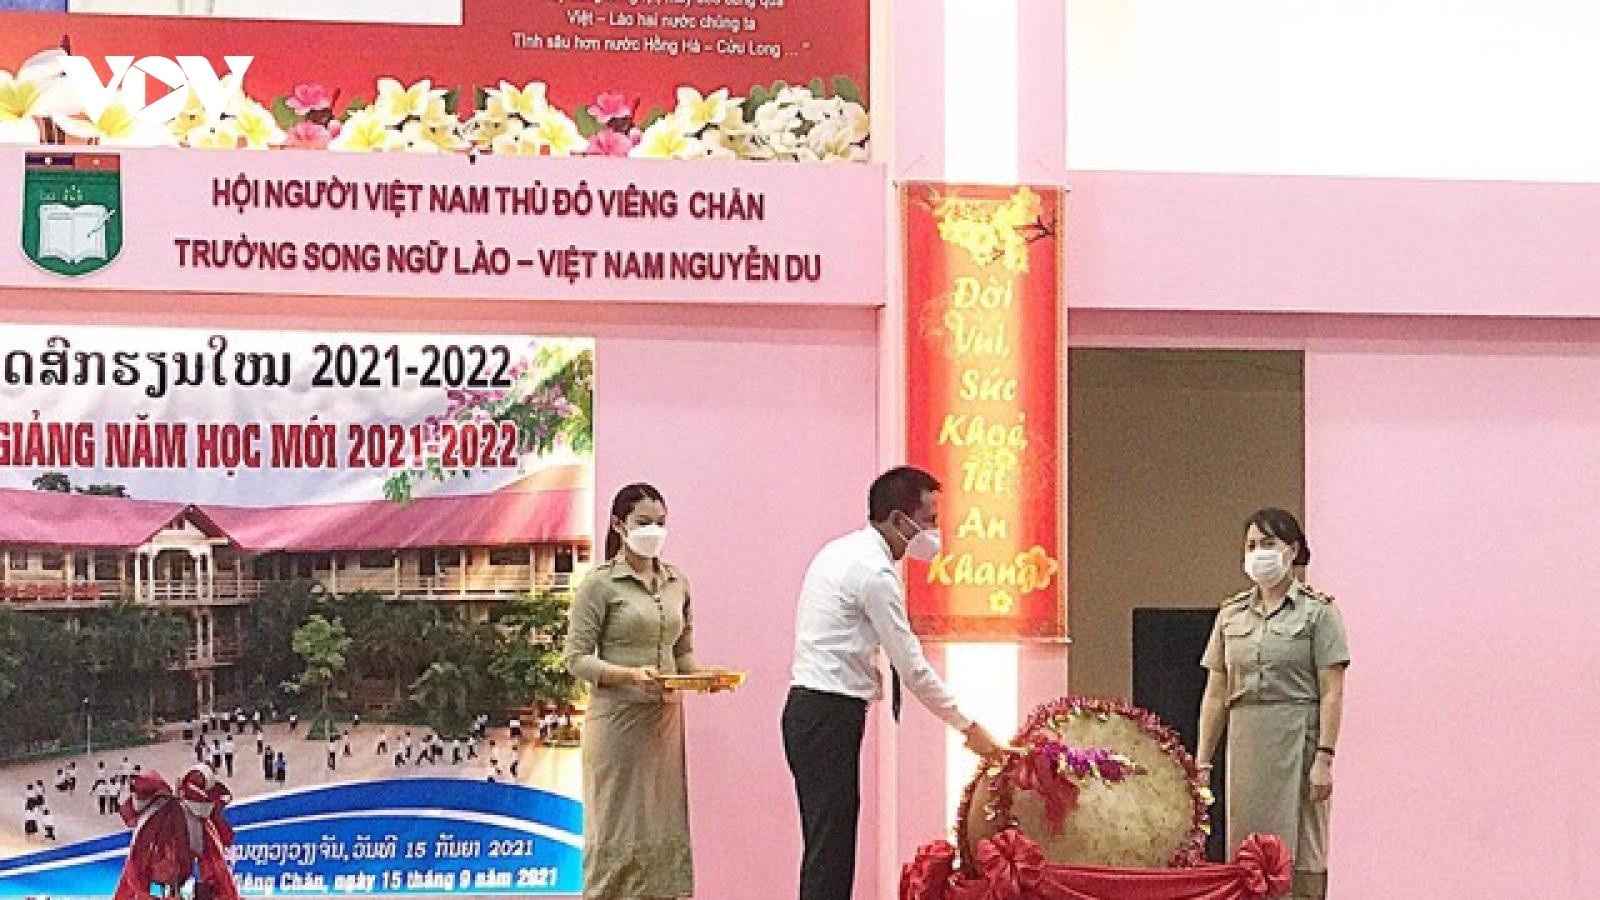 Trường song ngữ Lào - Việt Nam Nguyễn Du khai giảng năm học 2021-2022